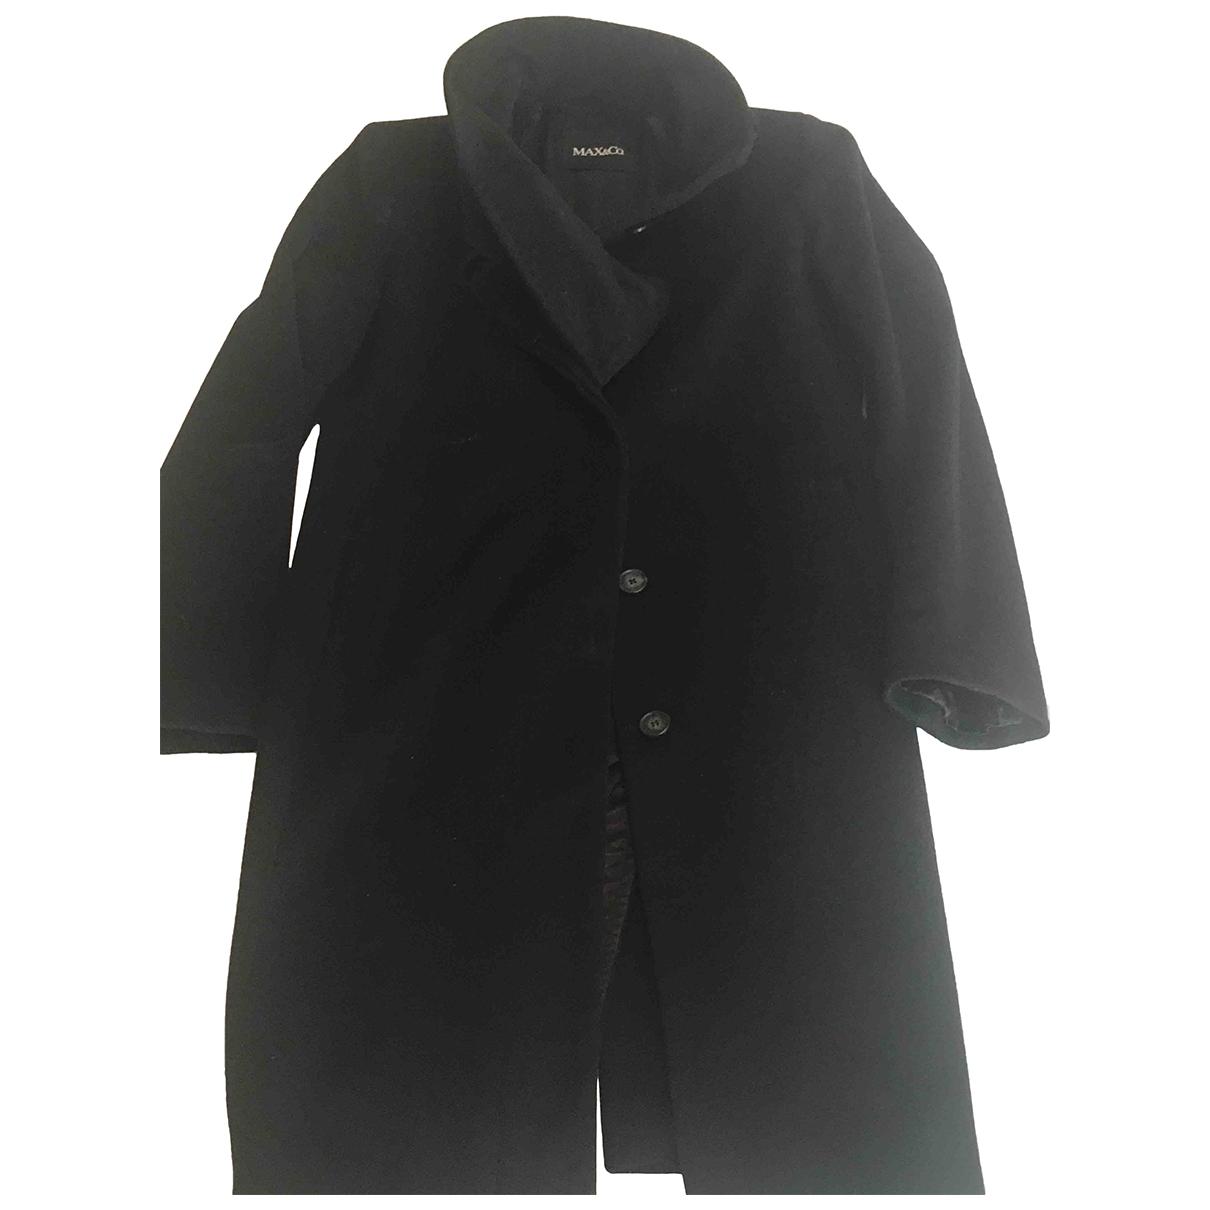 Max & Co \N Black Wool coat for Women 44 IT